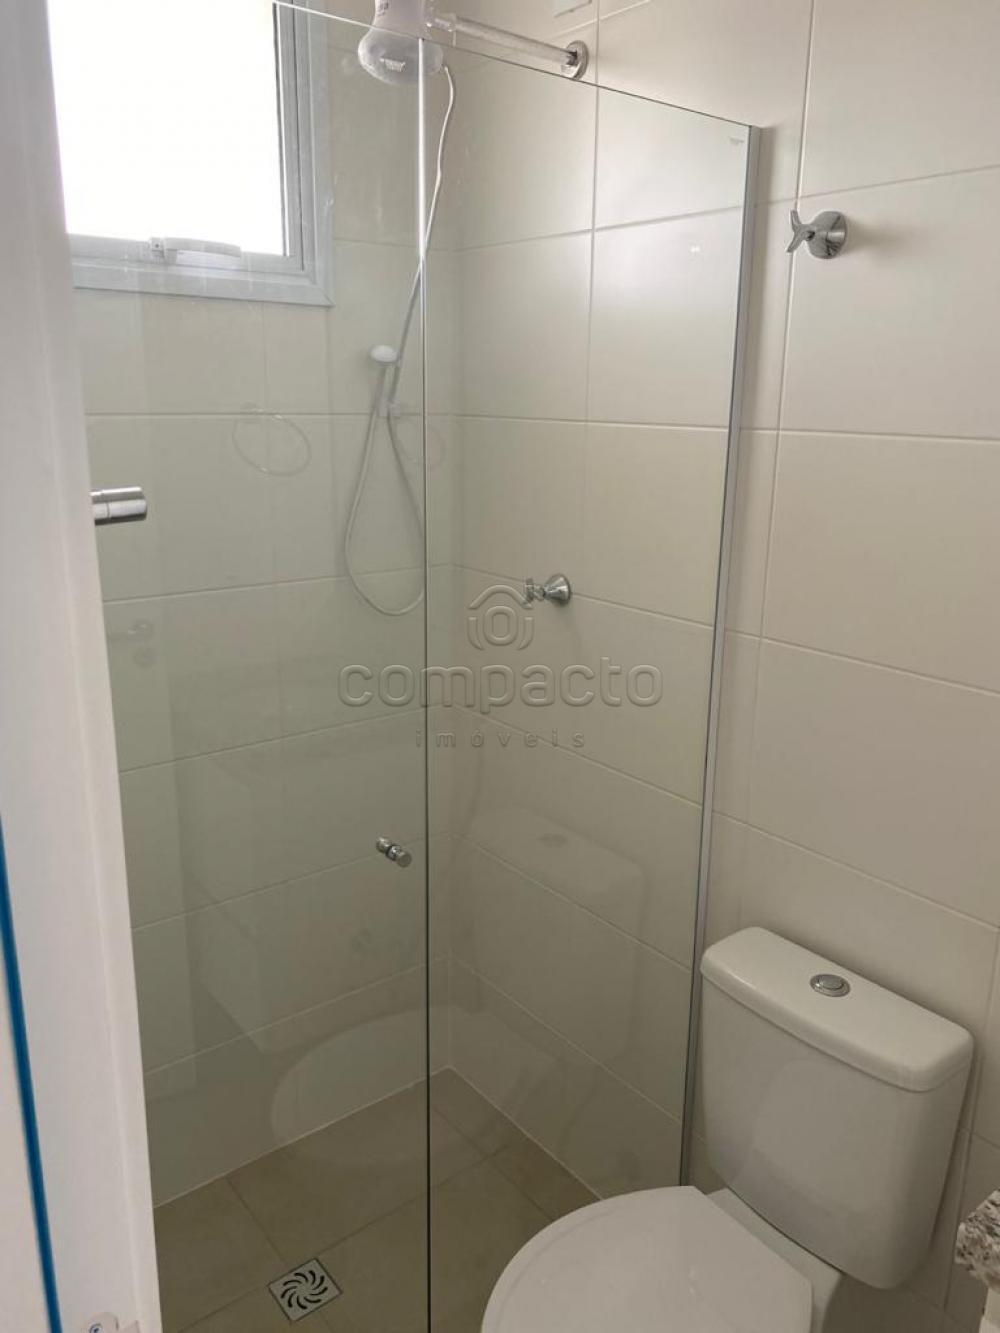 Alugar Apartamento / Padrão em São José do Rio Preto apenas R$ 1.250,00 - Foto 15